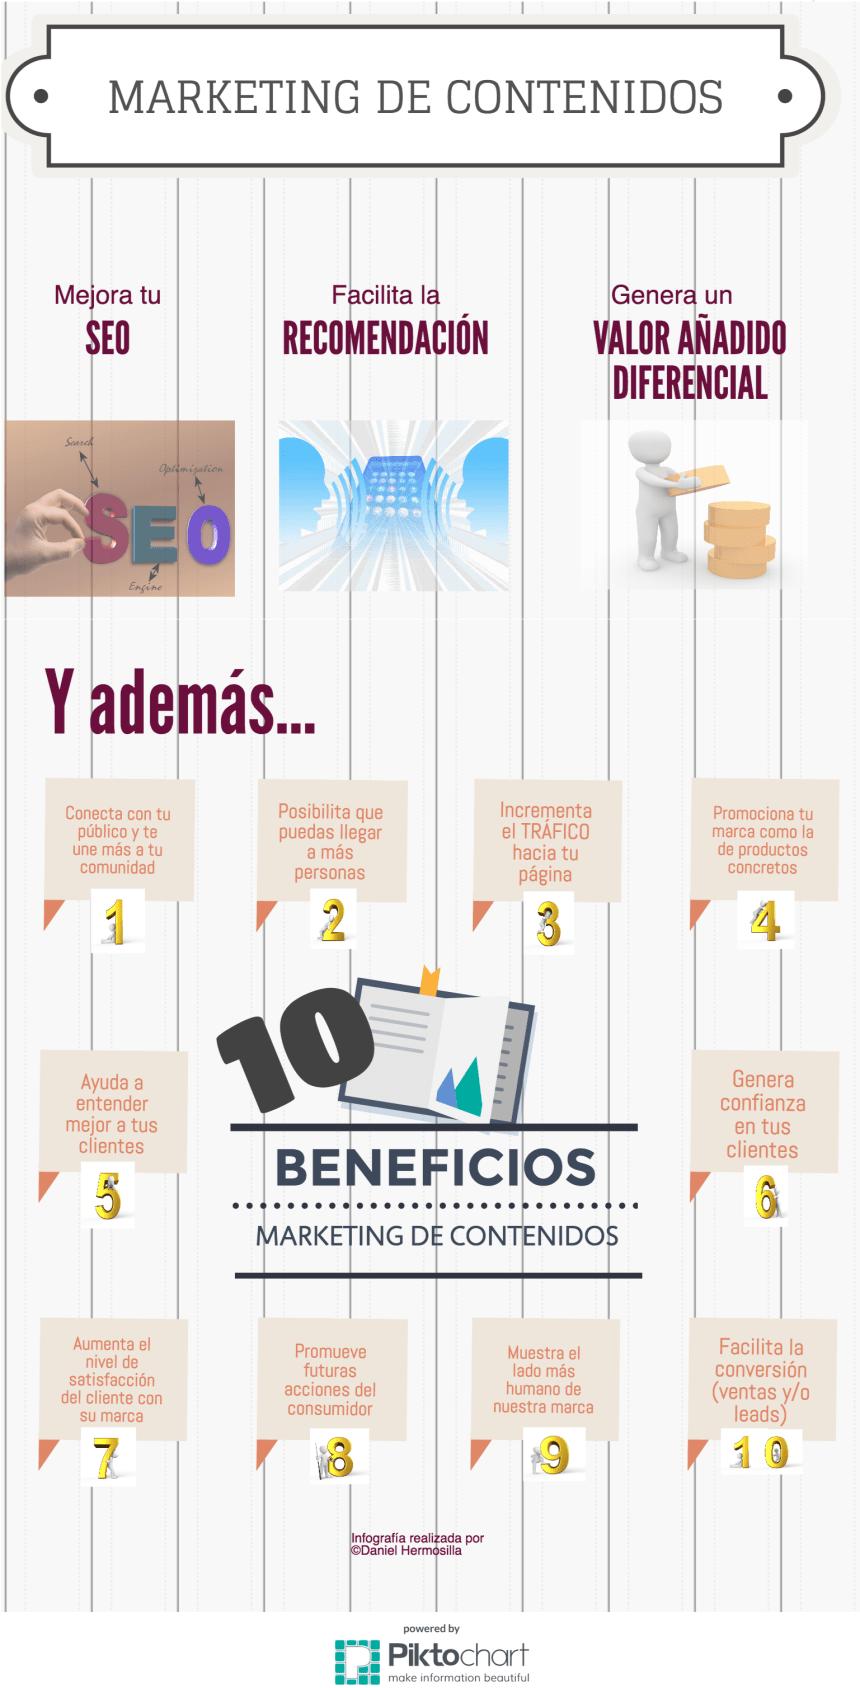 10-beneficios-marketing-contenidos-infografia